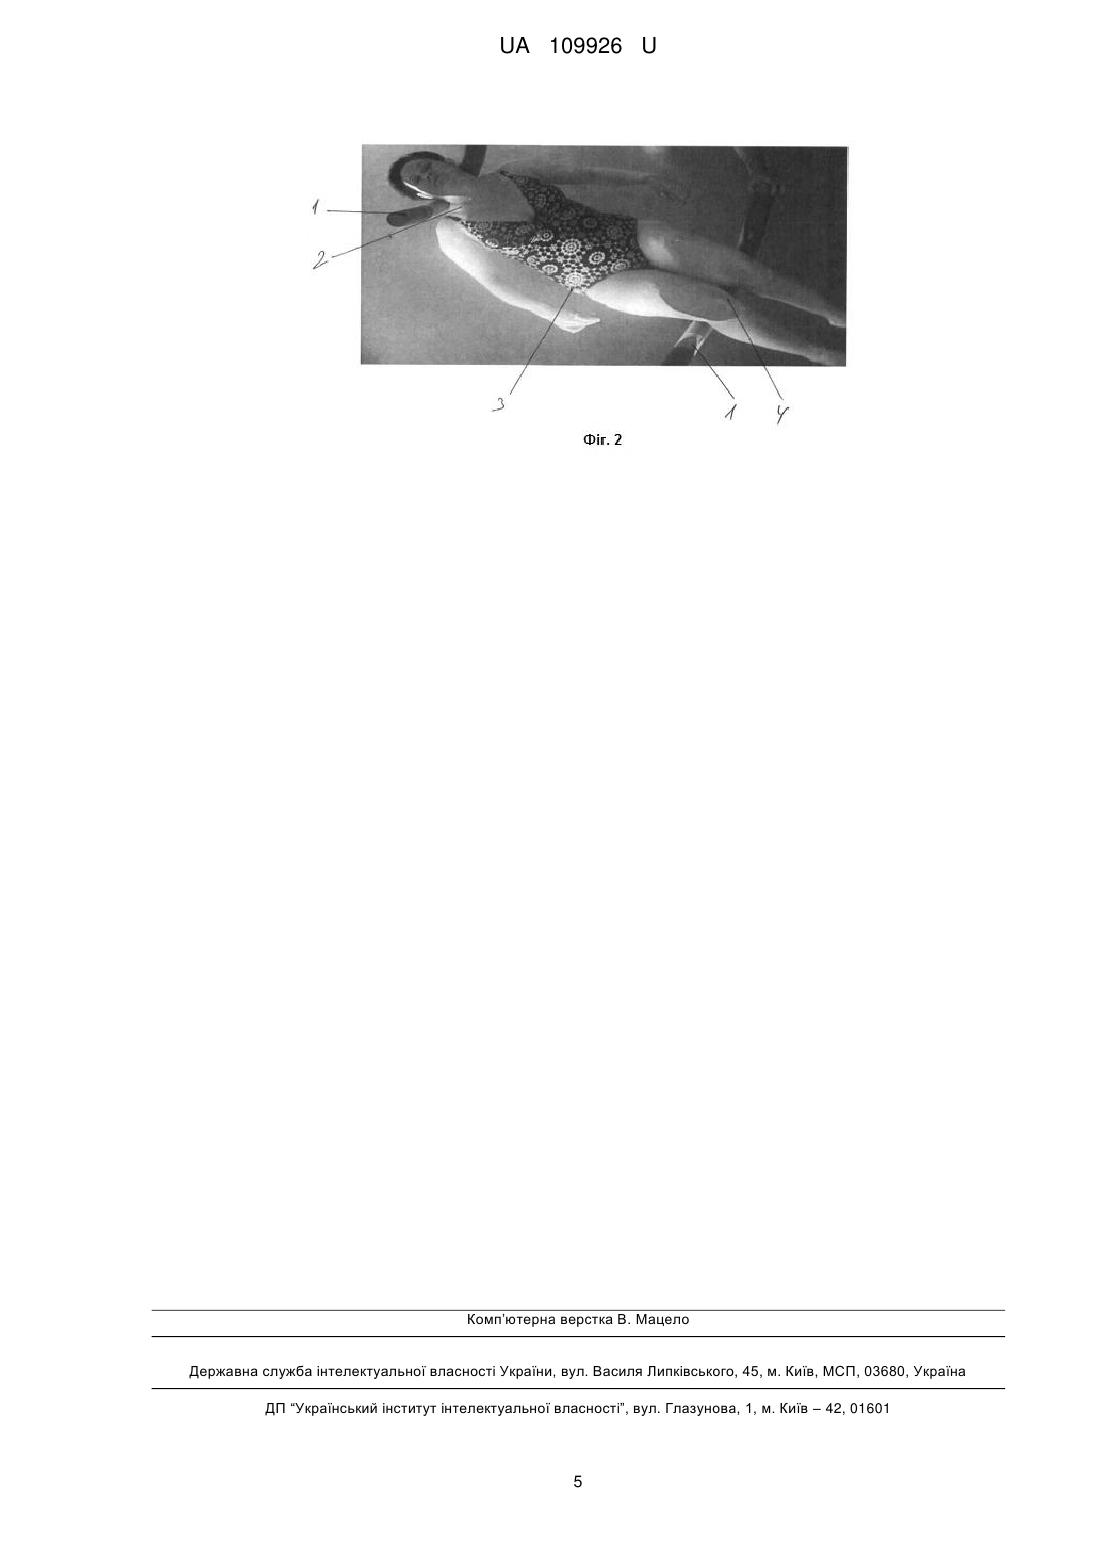 109926-sposib-korekci-psikhosomatichnikh-rozladiv-7